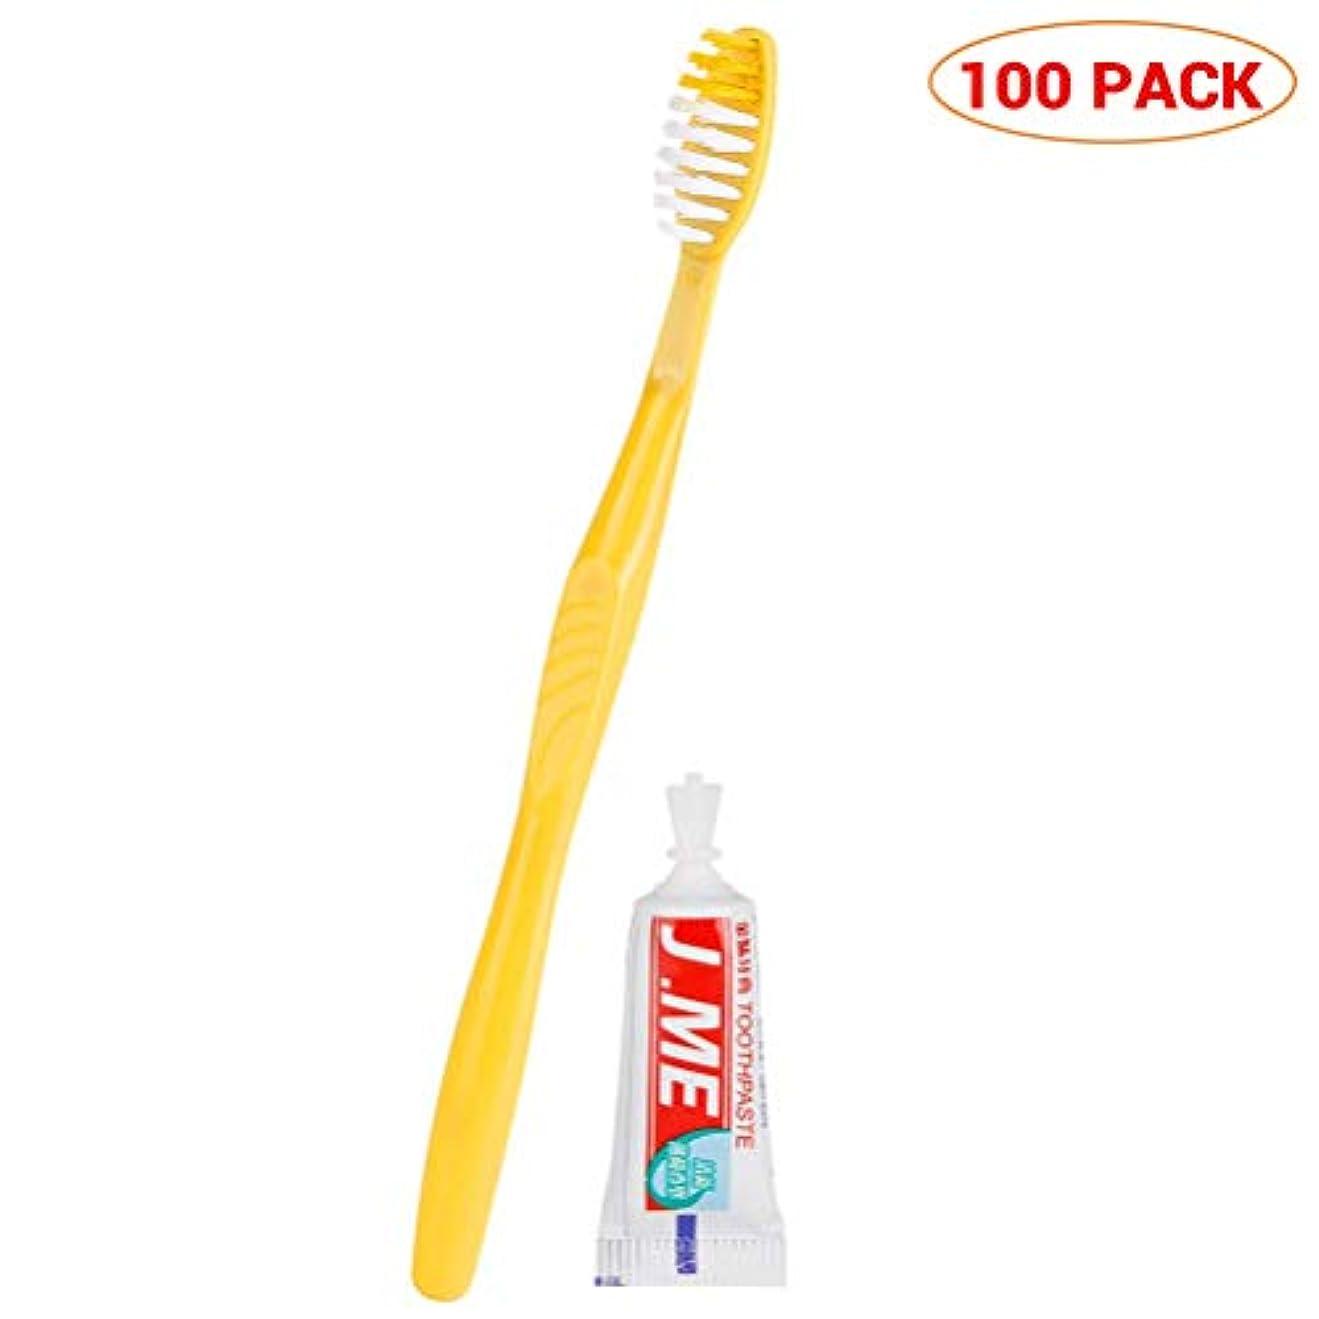 ローン接続されたワンダー歯磨き粉付き使い捨て歯ブラシ、100パック